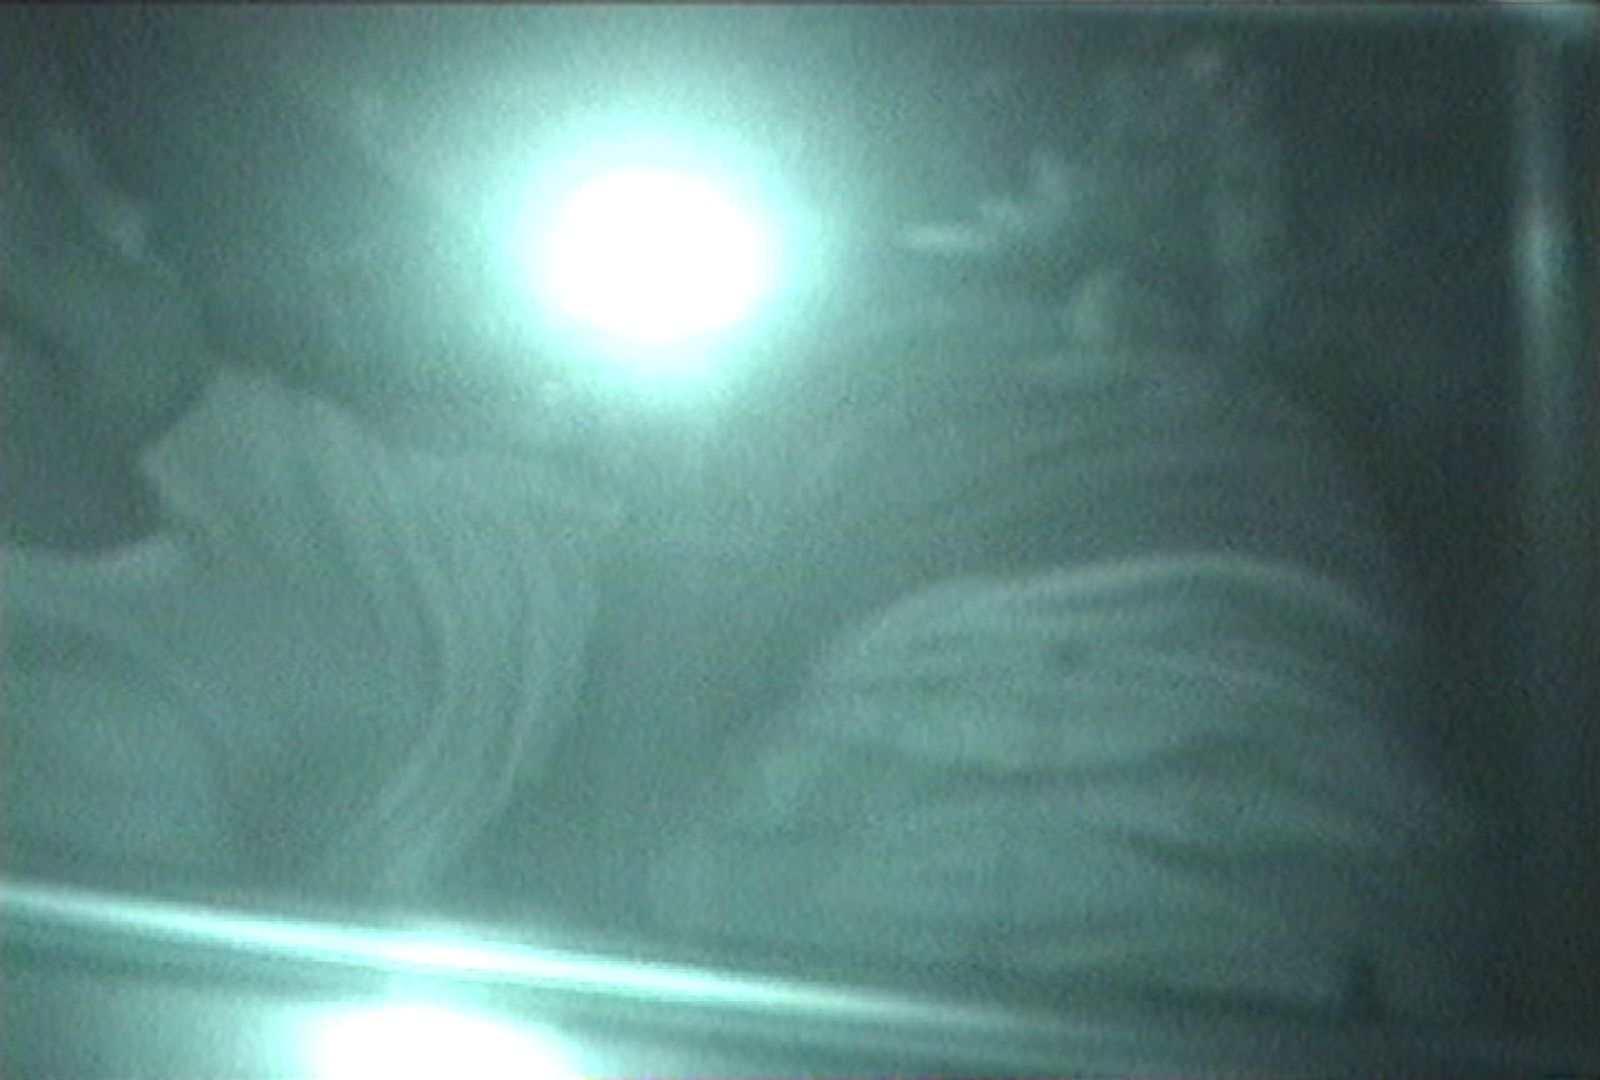 充血監督の深夜の運動会Vol.96 エロティックなOL オマンコ動画キャプチャ 106画像 82